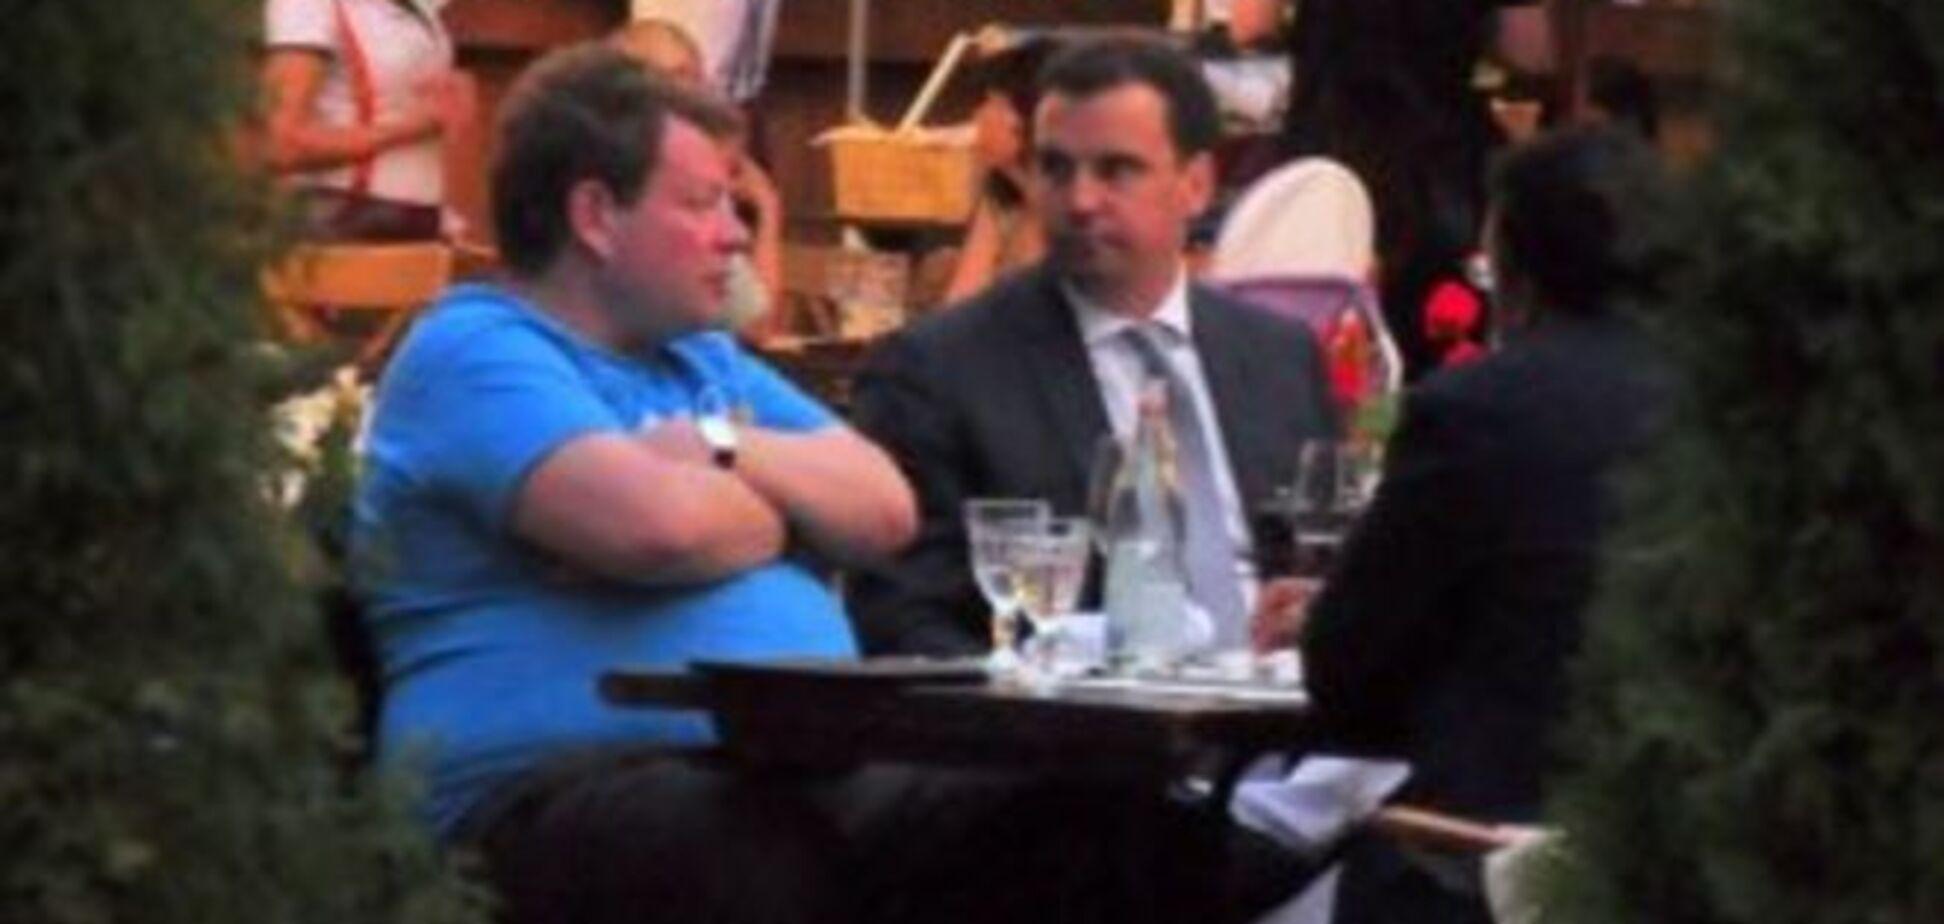 Абромавичус отдохнул в дорогом ресторане с президентом 'Киевстара': опубликованы фото